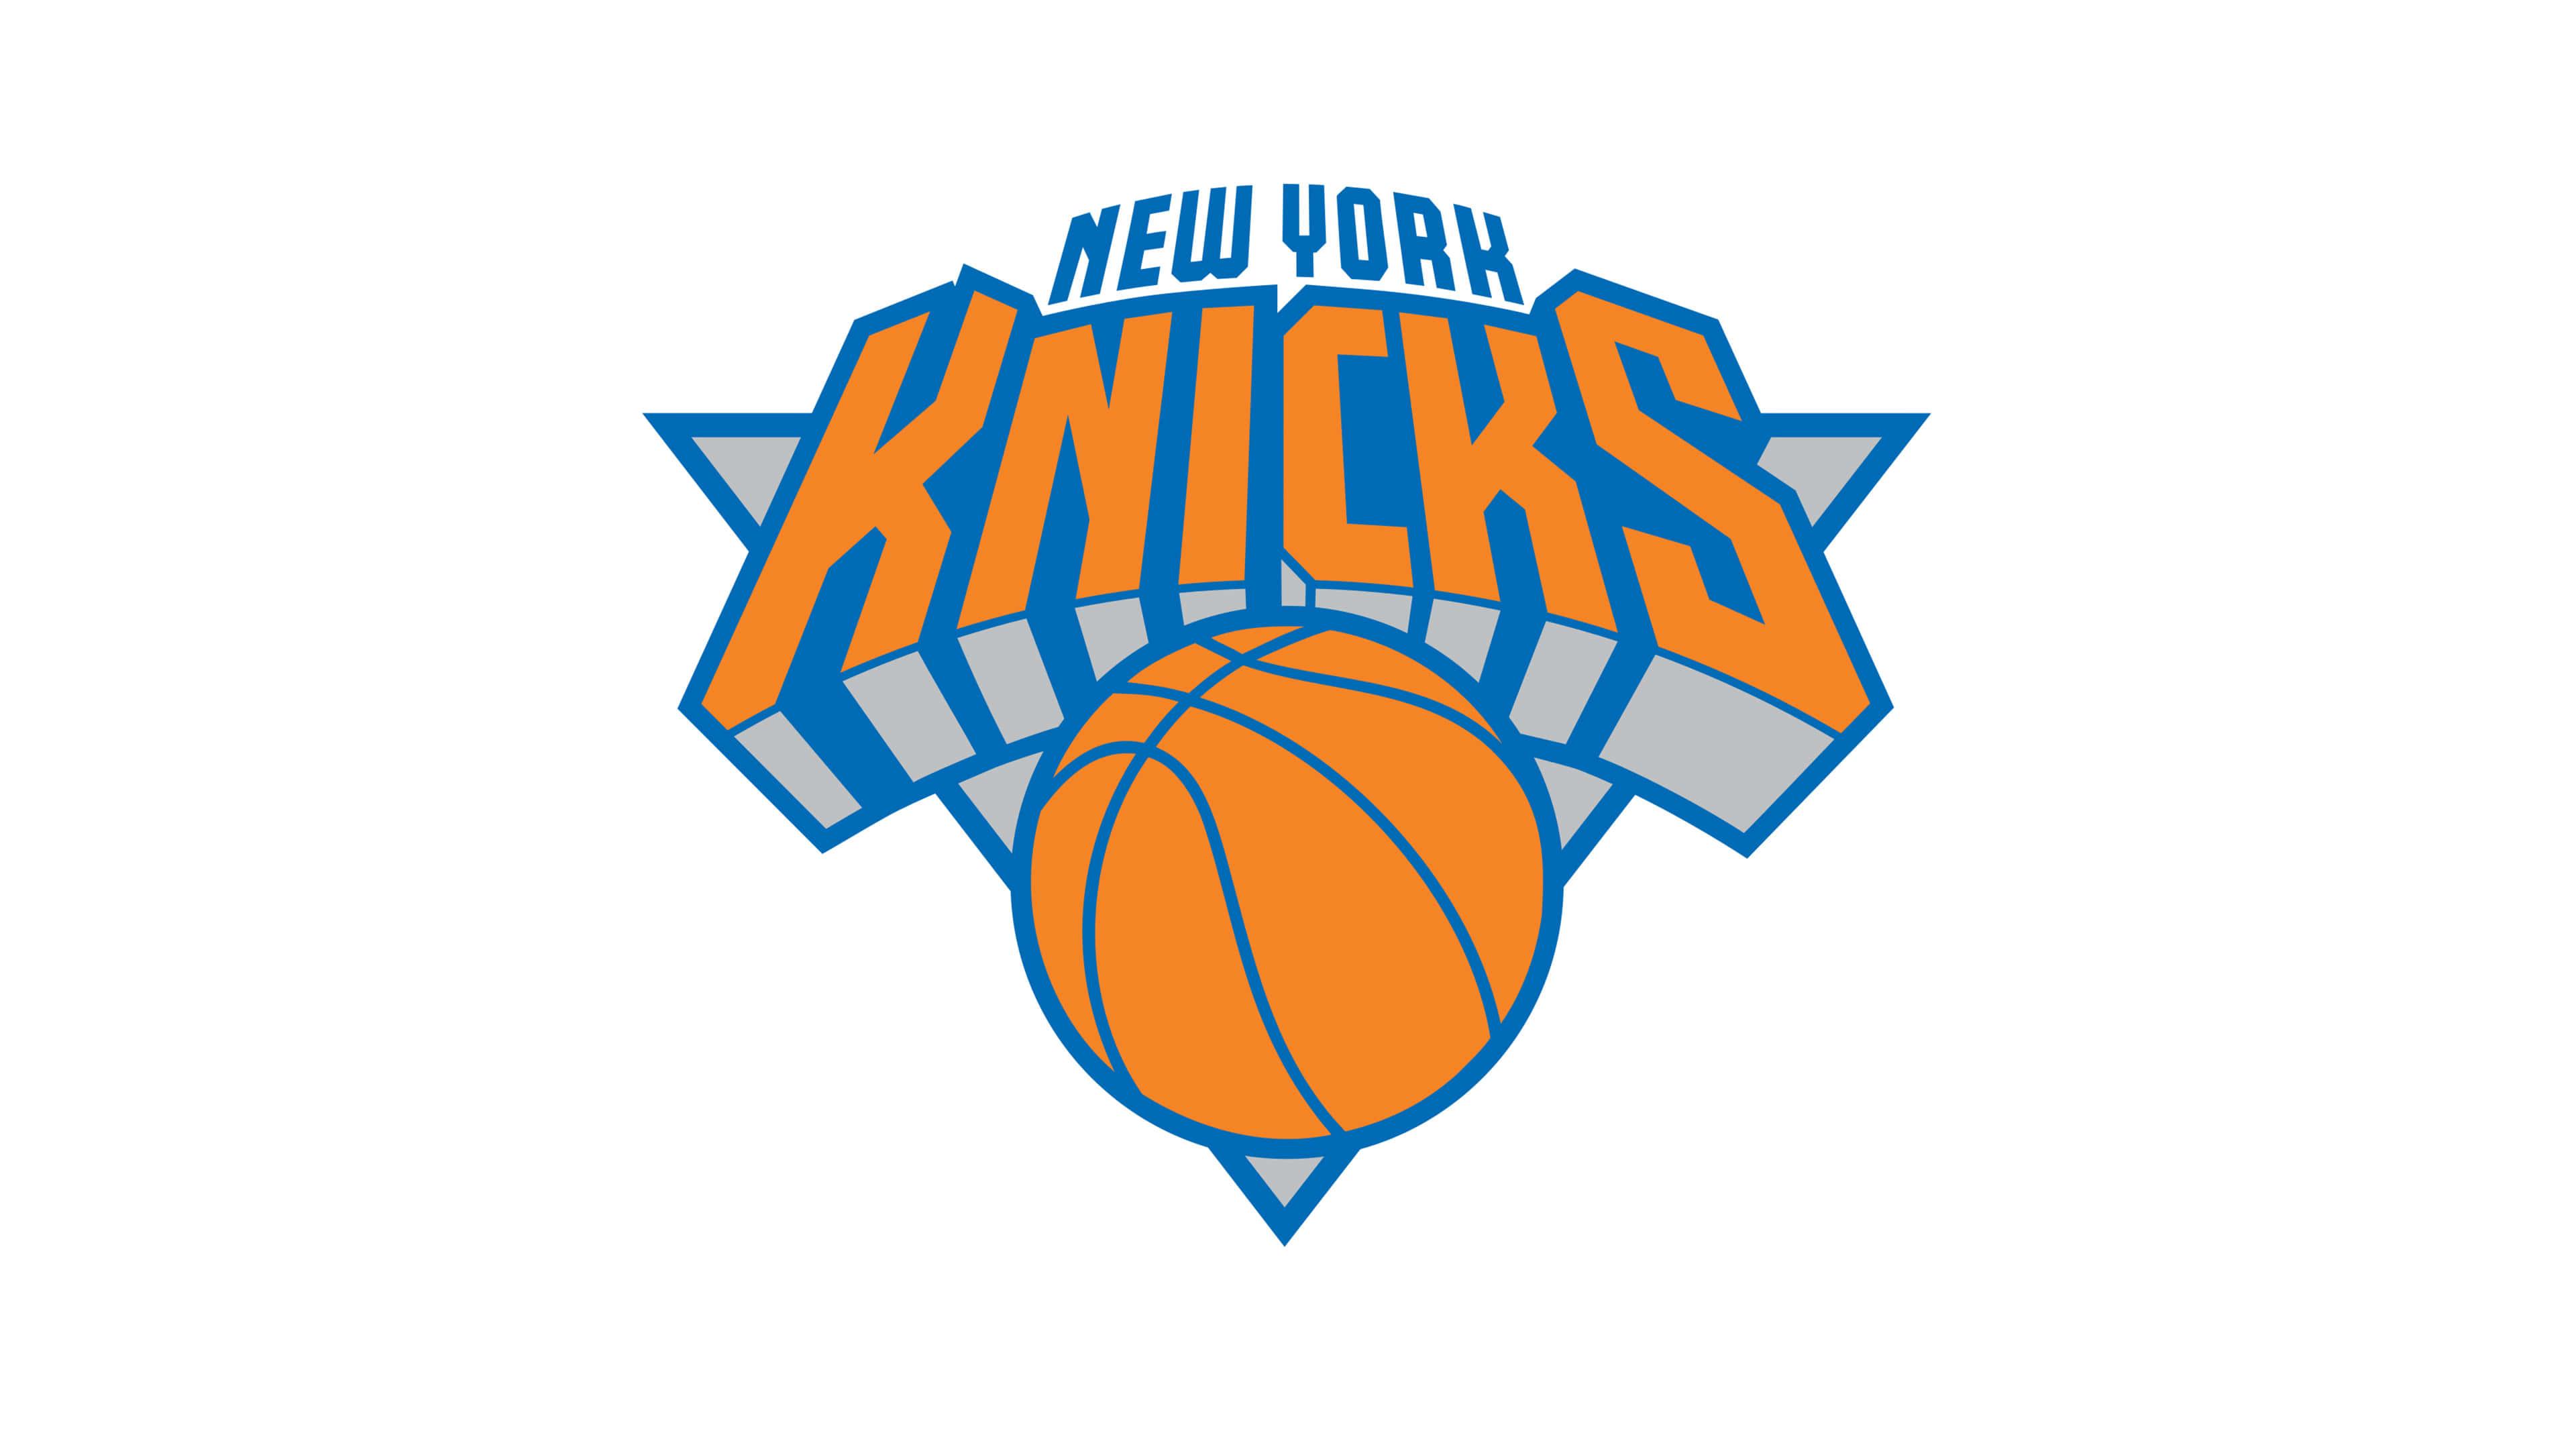 new york knicks nba logo uhd 4k wallpaper